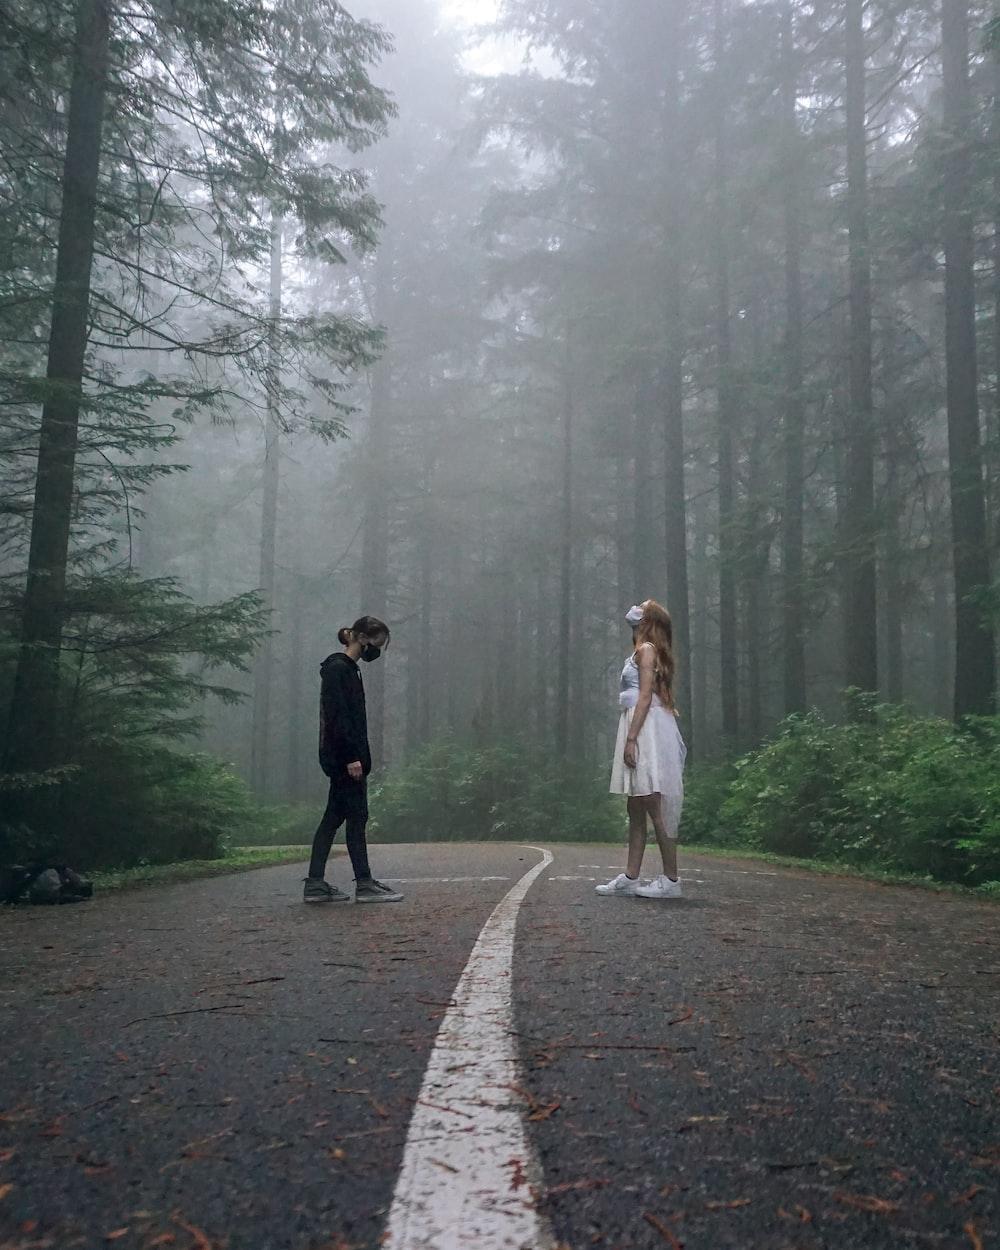 2 women walking on pathway between trees during daytime